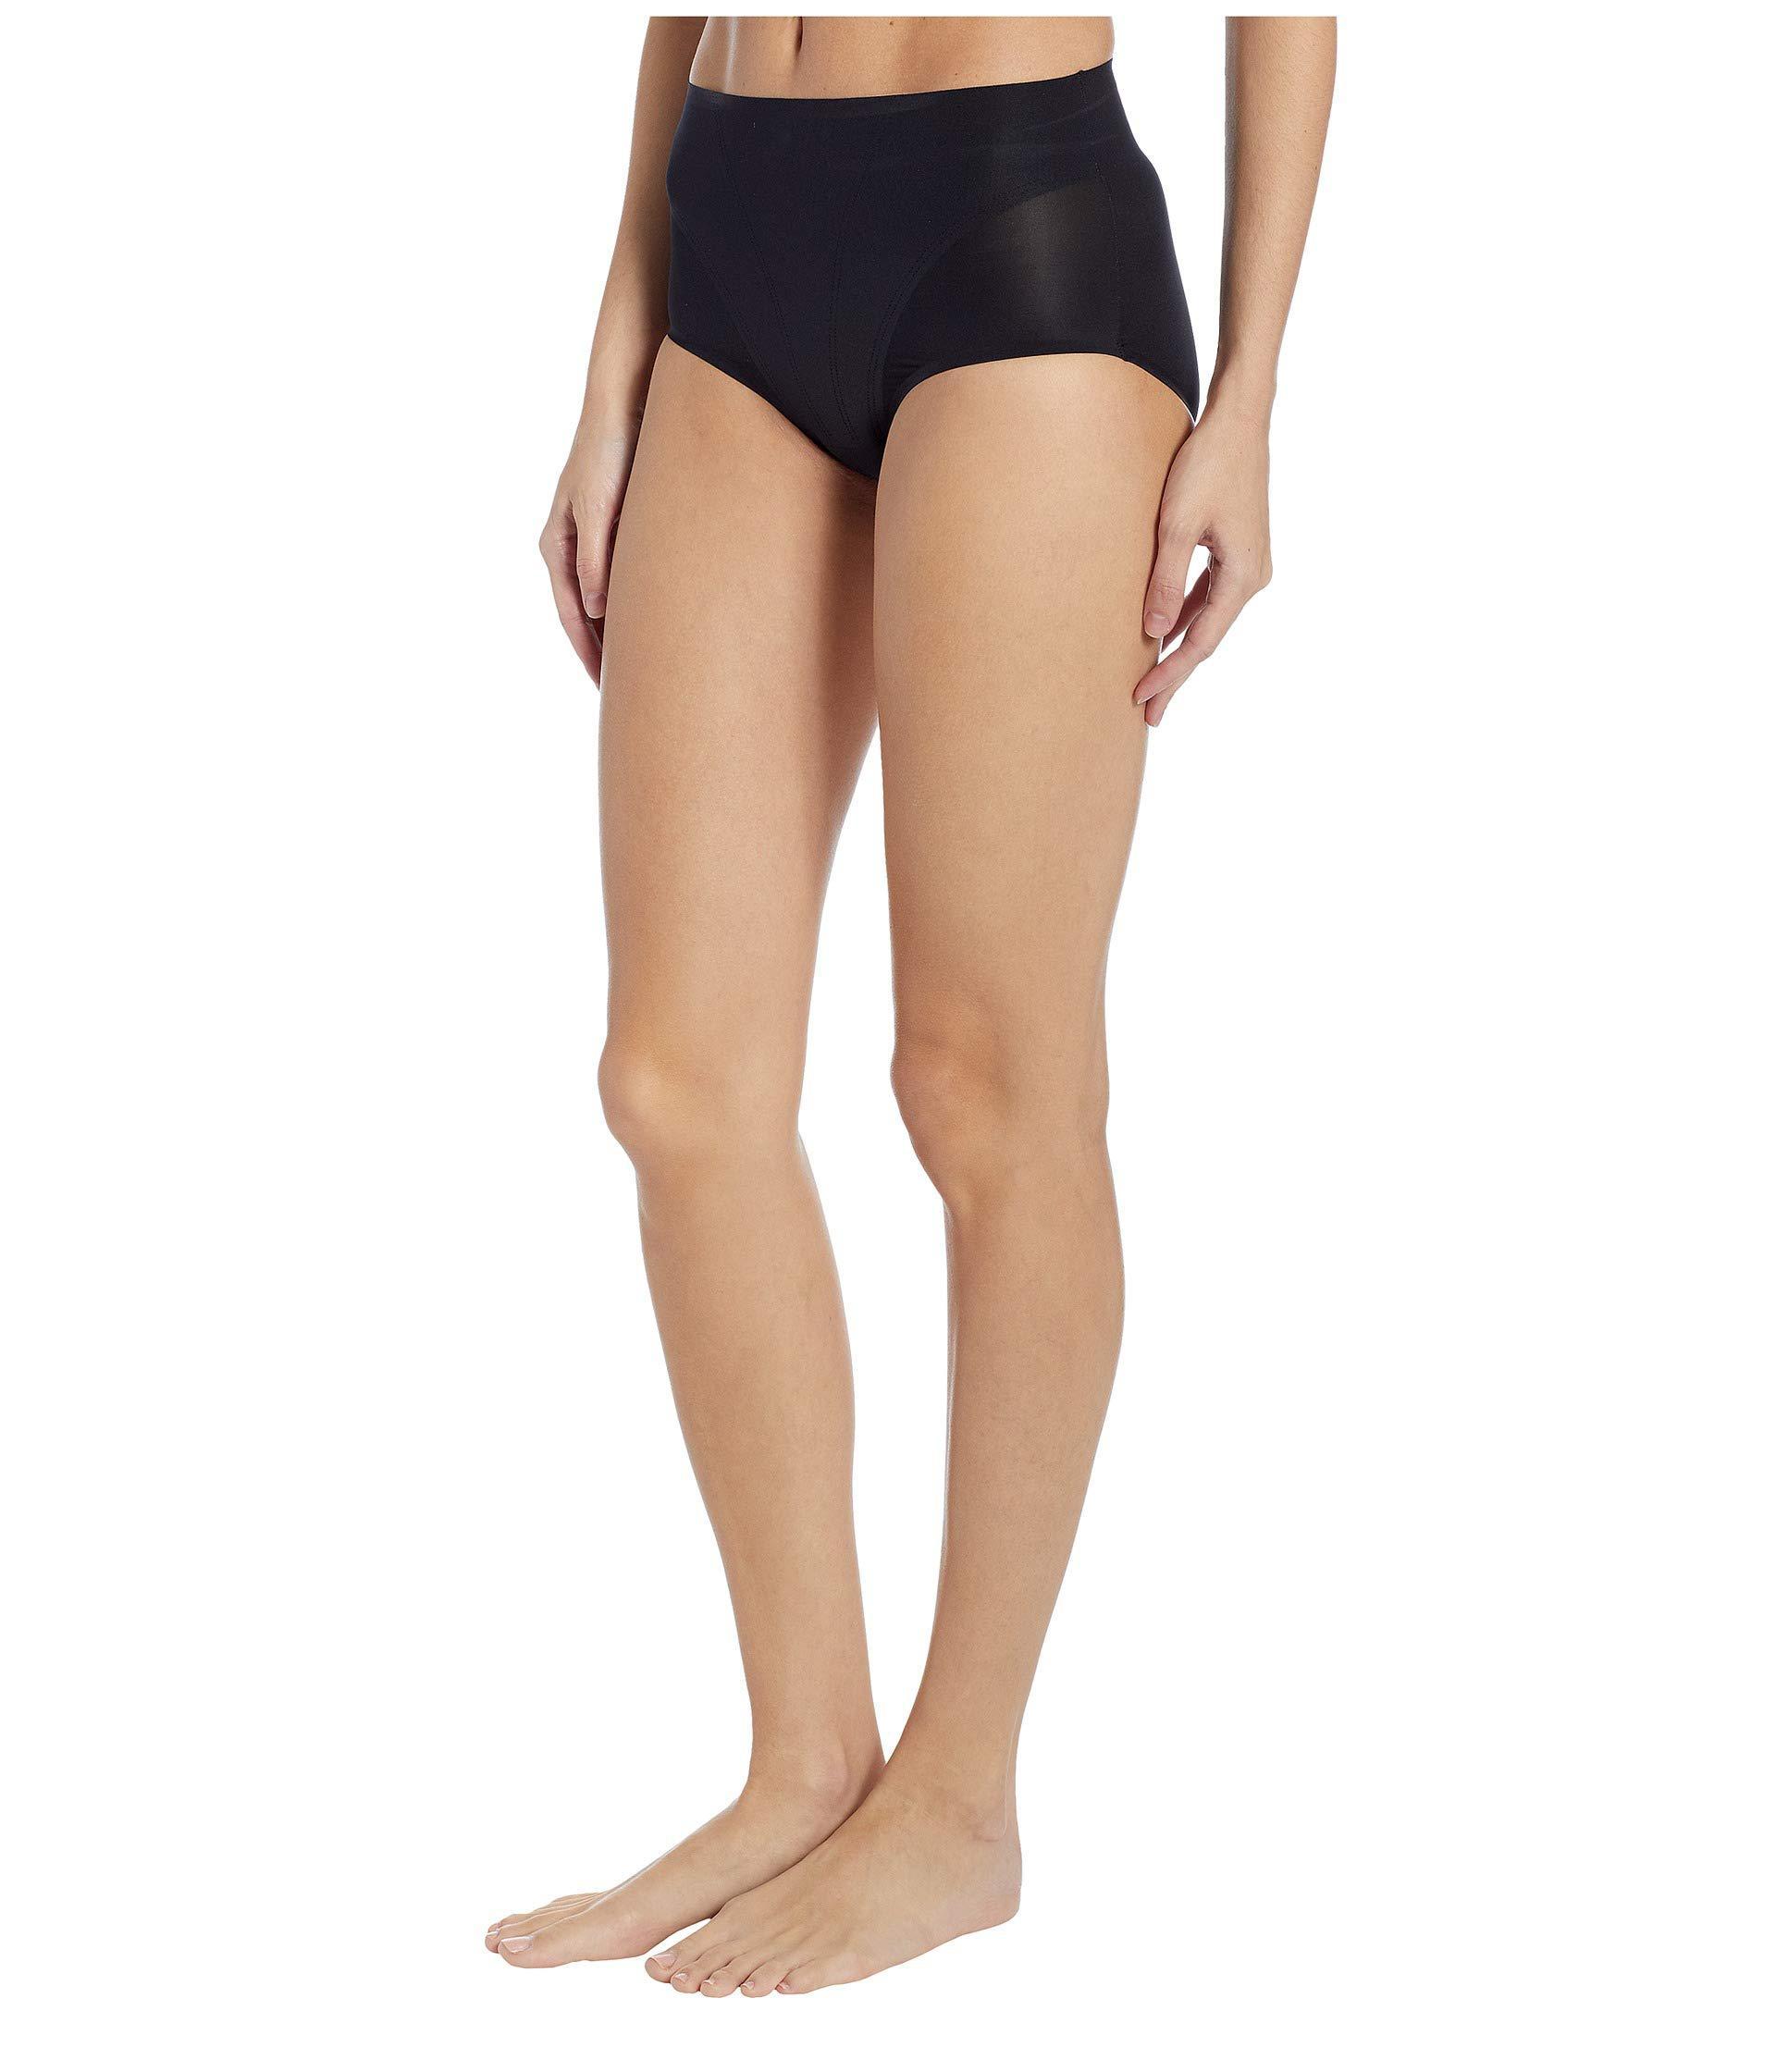 1a287199869 Lyst - Spanx Retro Brief (soft Nude) Women s Underwear in Black